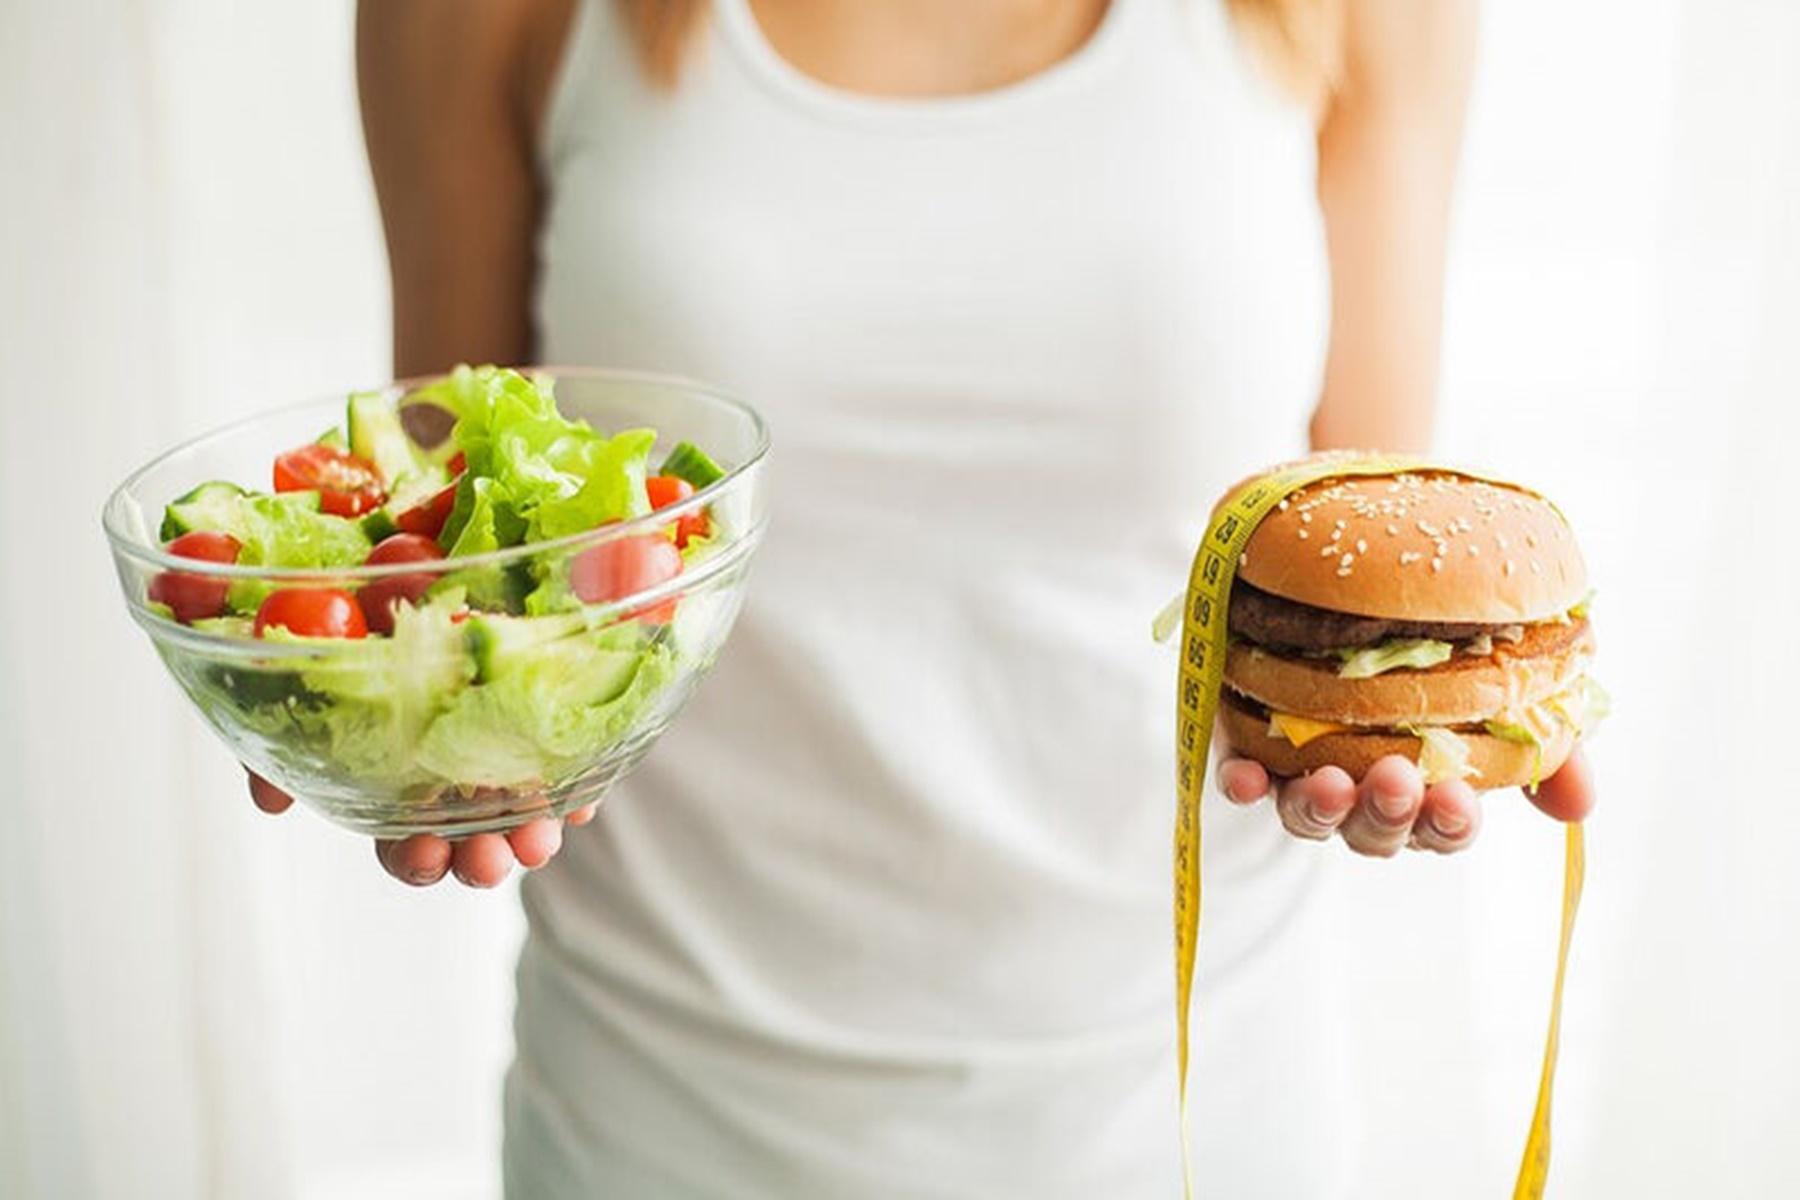 Φυσιολογικό βάρος : Διατηρήστε το και αυξήστε το προσδόκιμο της ζωής σας